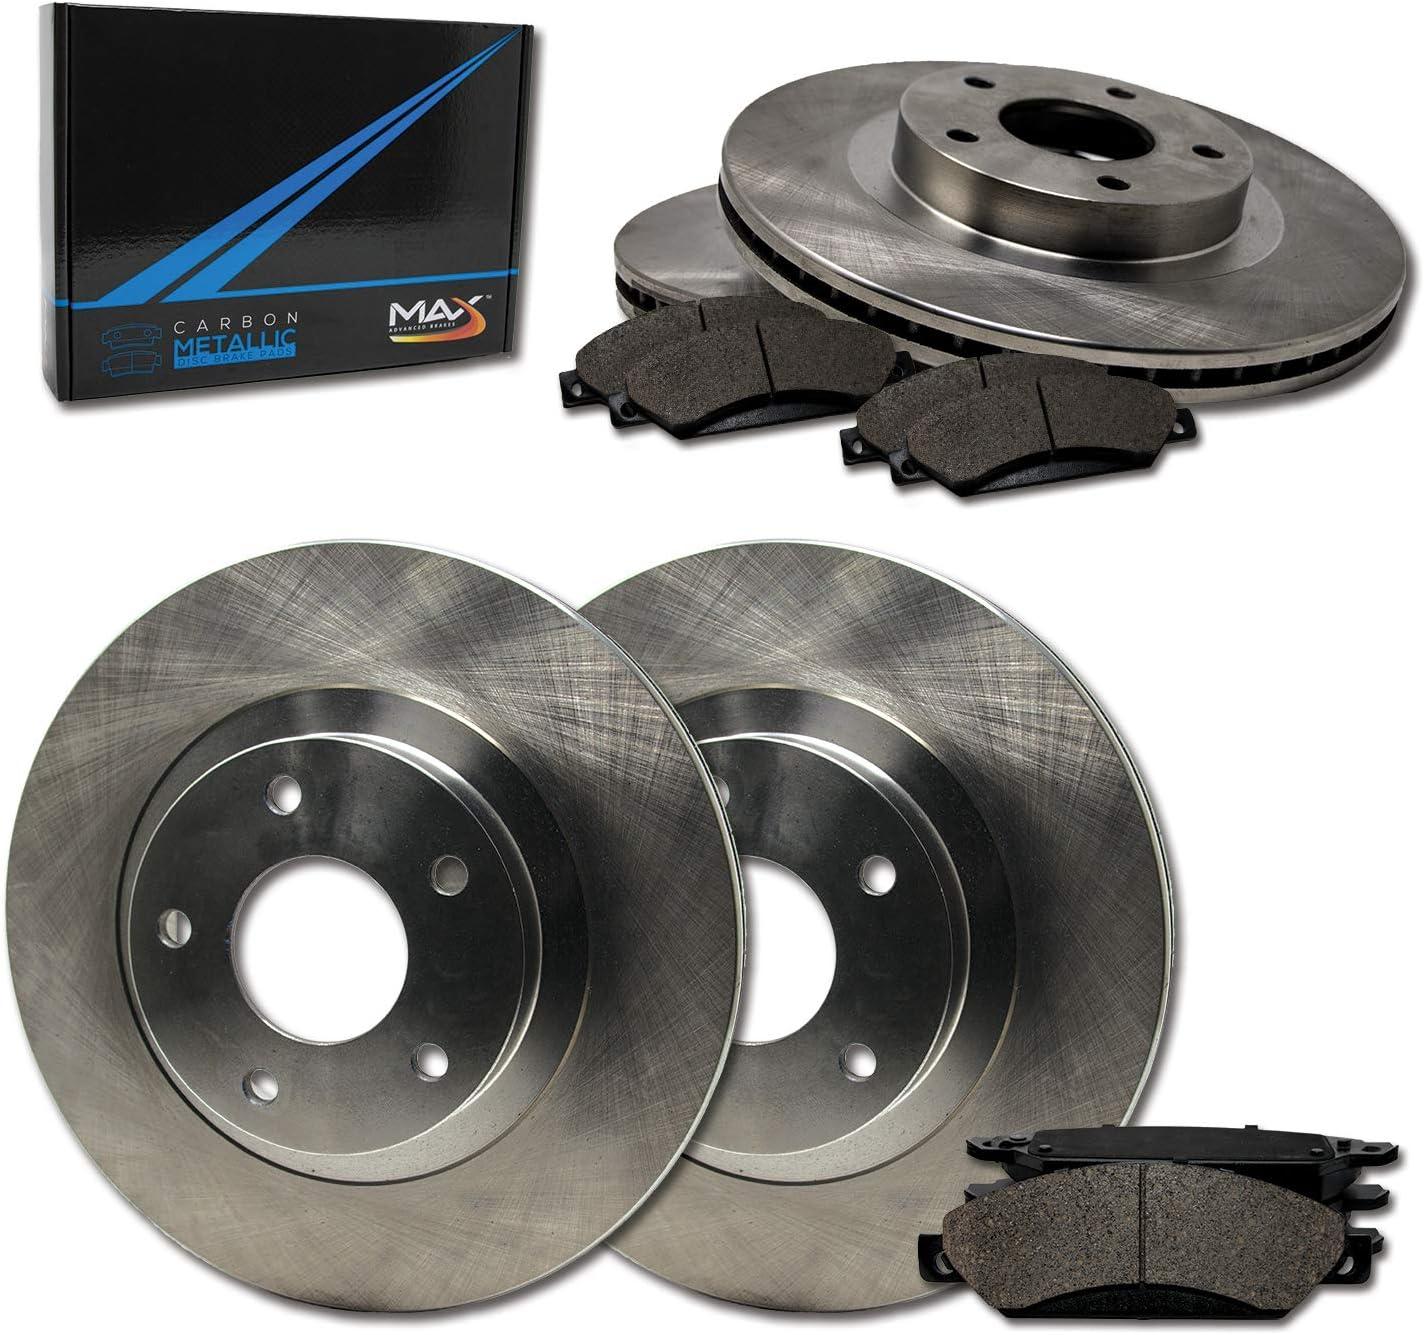 Max Brakes Rear Premium Brake Kit Fits: 2012 12 2013 13 2014 14 Ford F150 w// 6 Lugs OE Series Rotors + Metallic Pads TA019942